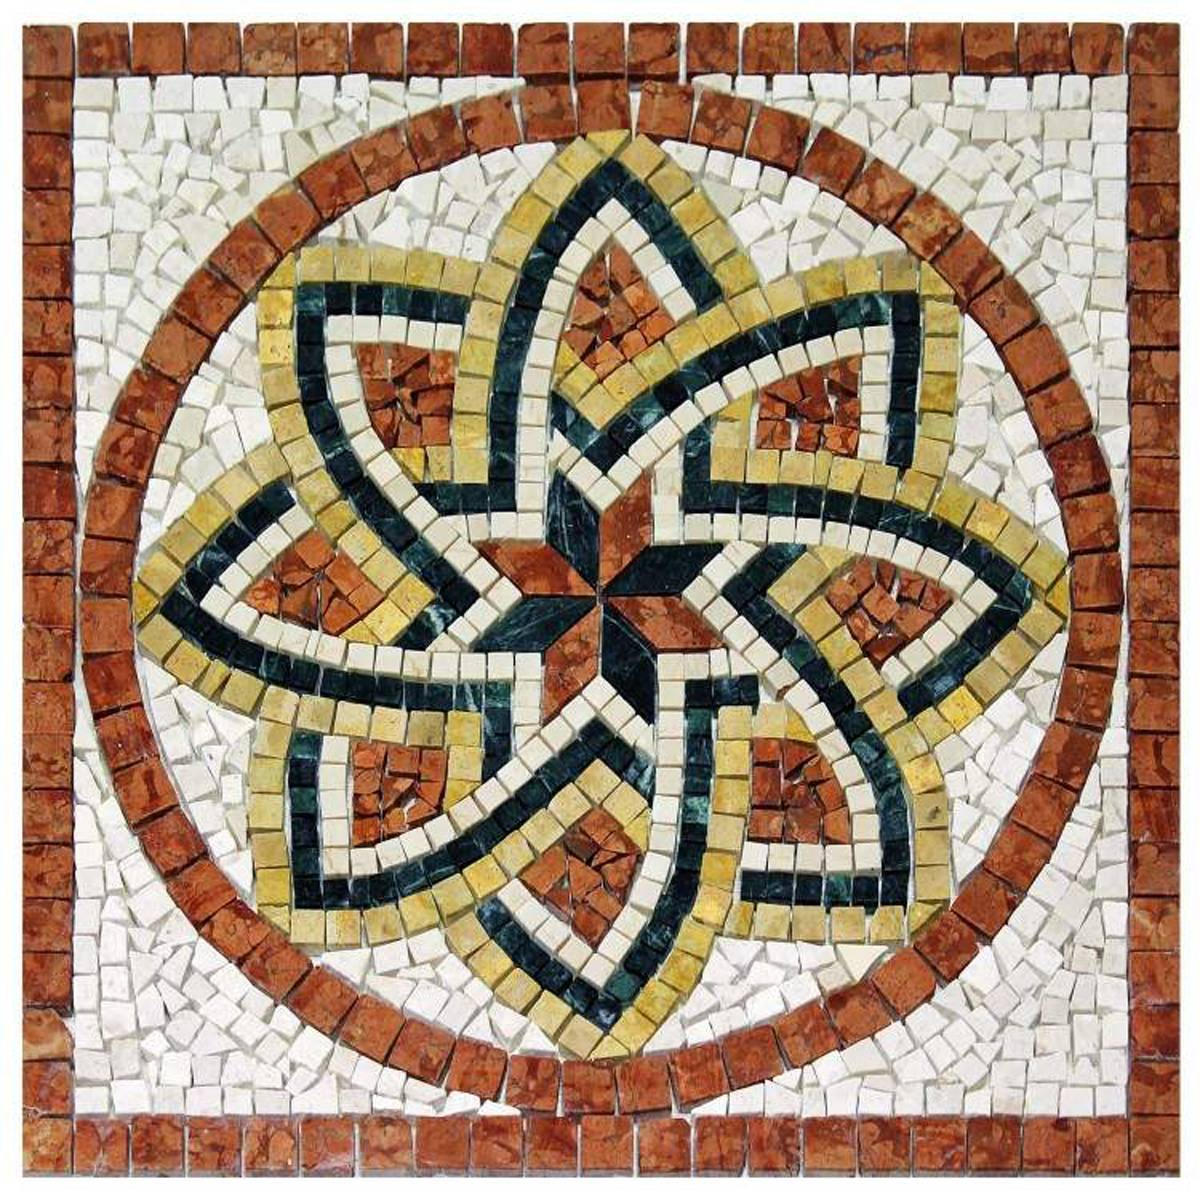 Rosoni rosone mosaico in marmo su rete per interni esterni - Bagno mosaico rosso ...